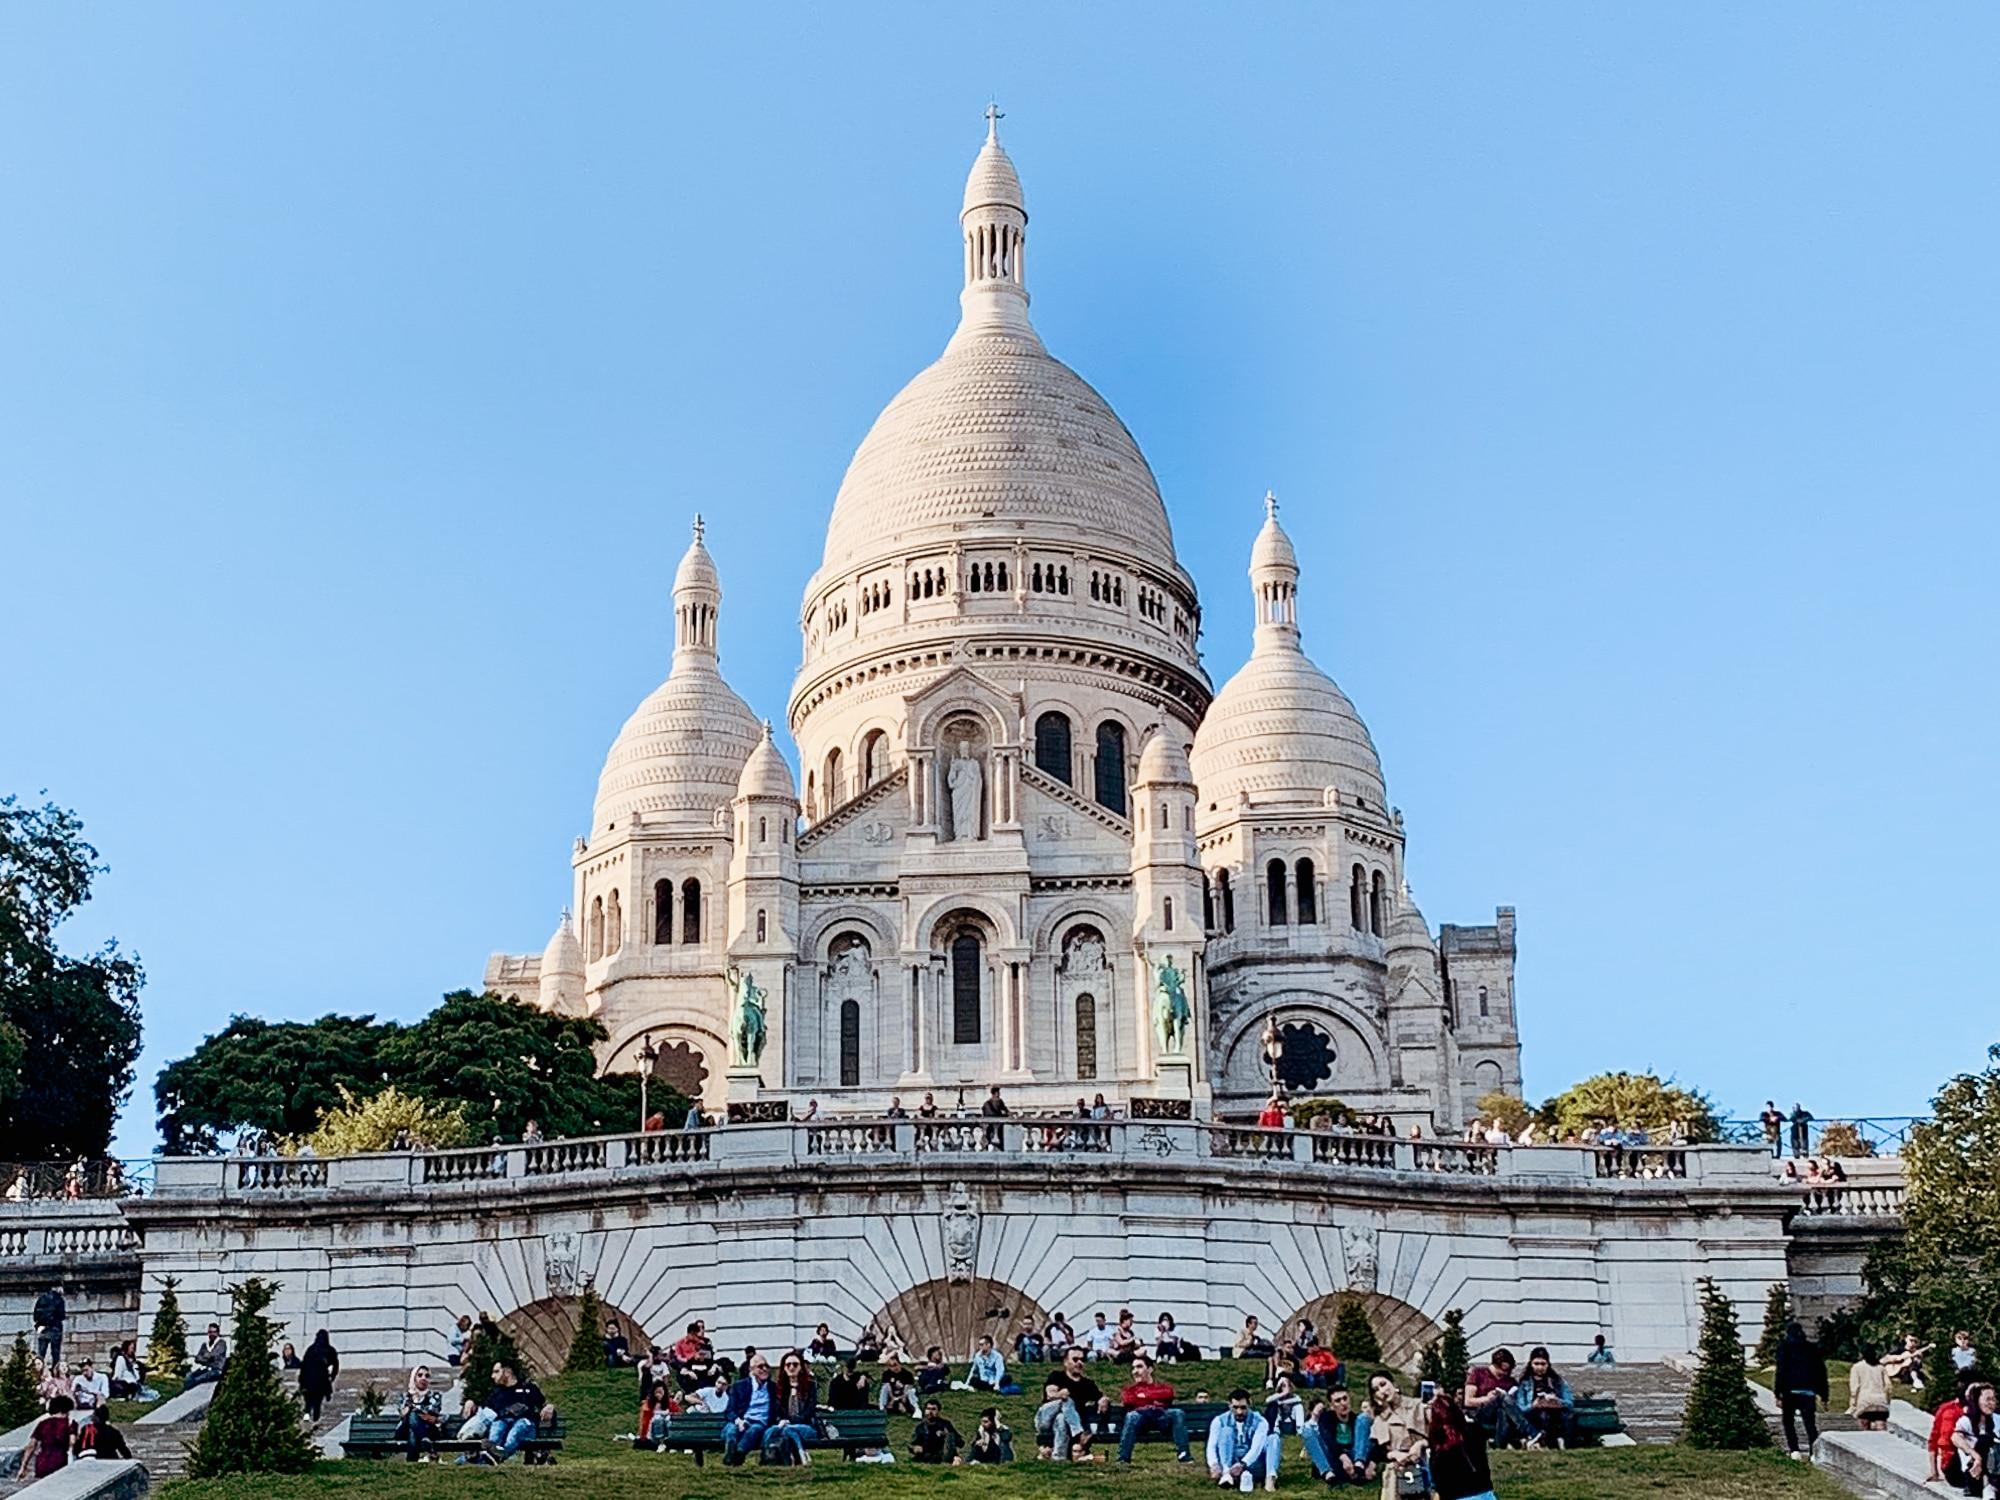 Schönste Fotospots in Paris - und meine liebsten Instagram Hotspots - Montmartre Sacre Coeur